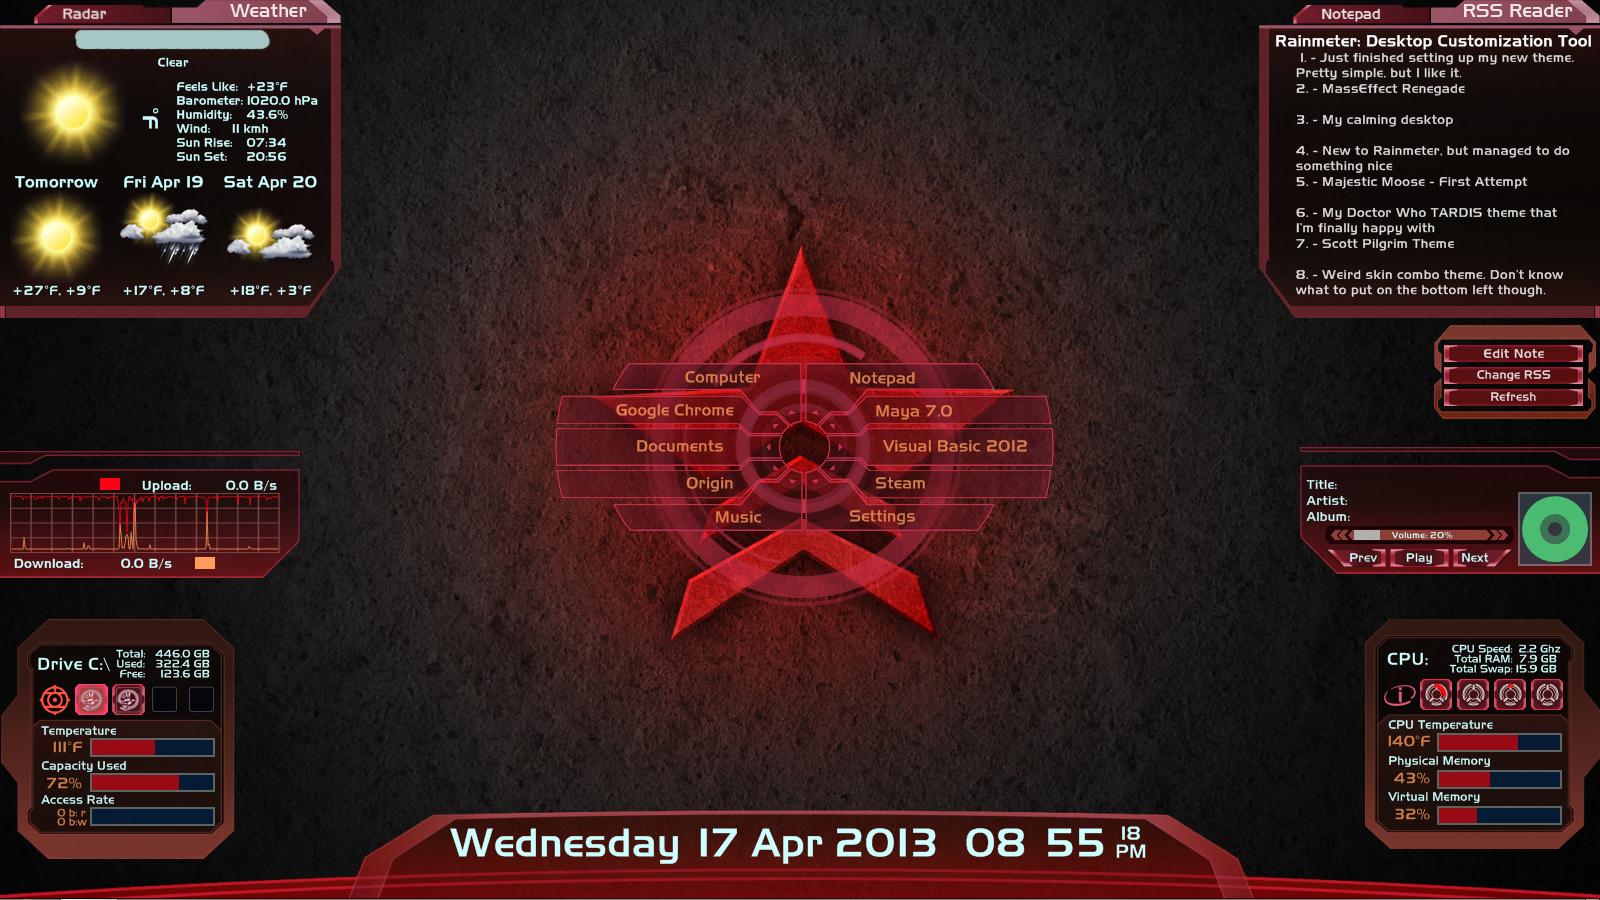 Mass Effect Renegade 2.0 by Shotstrider